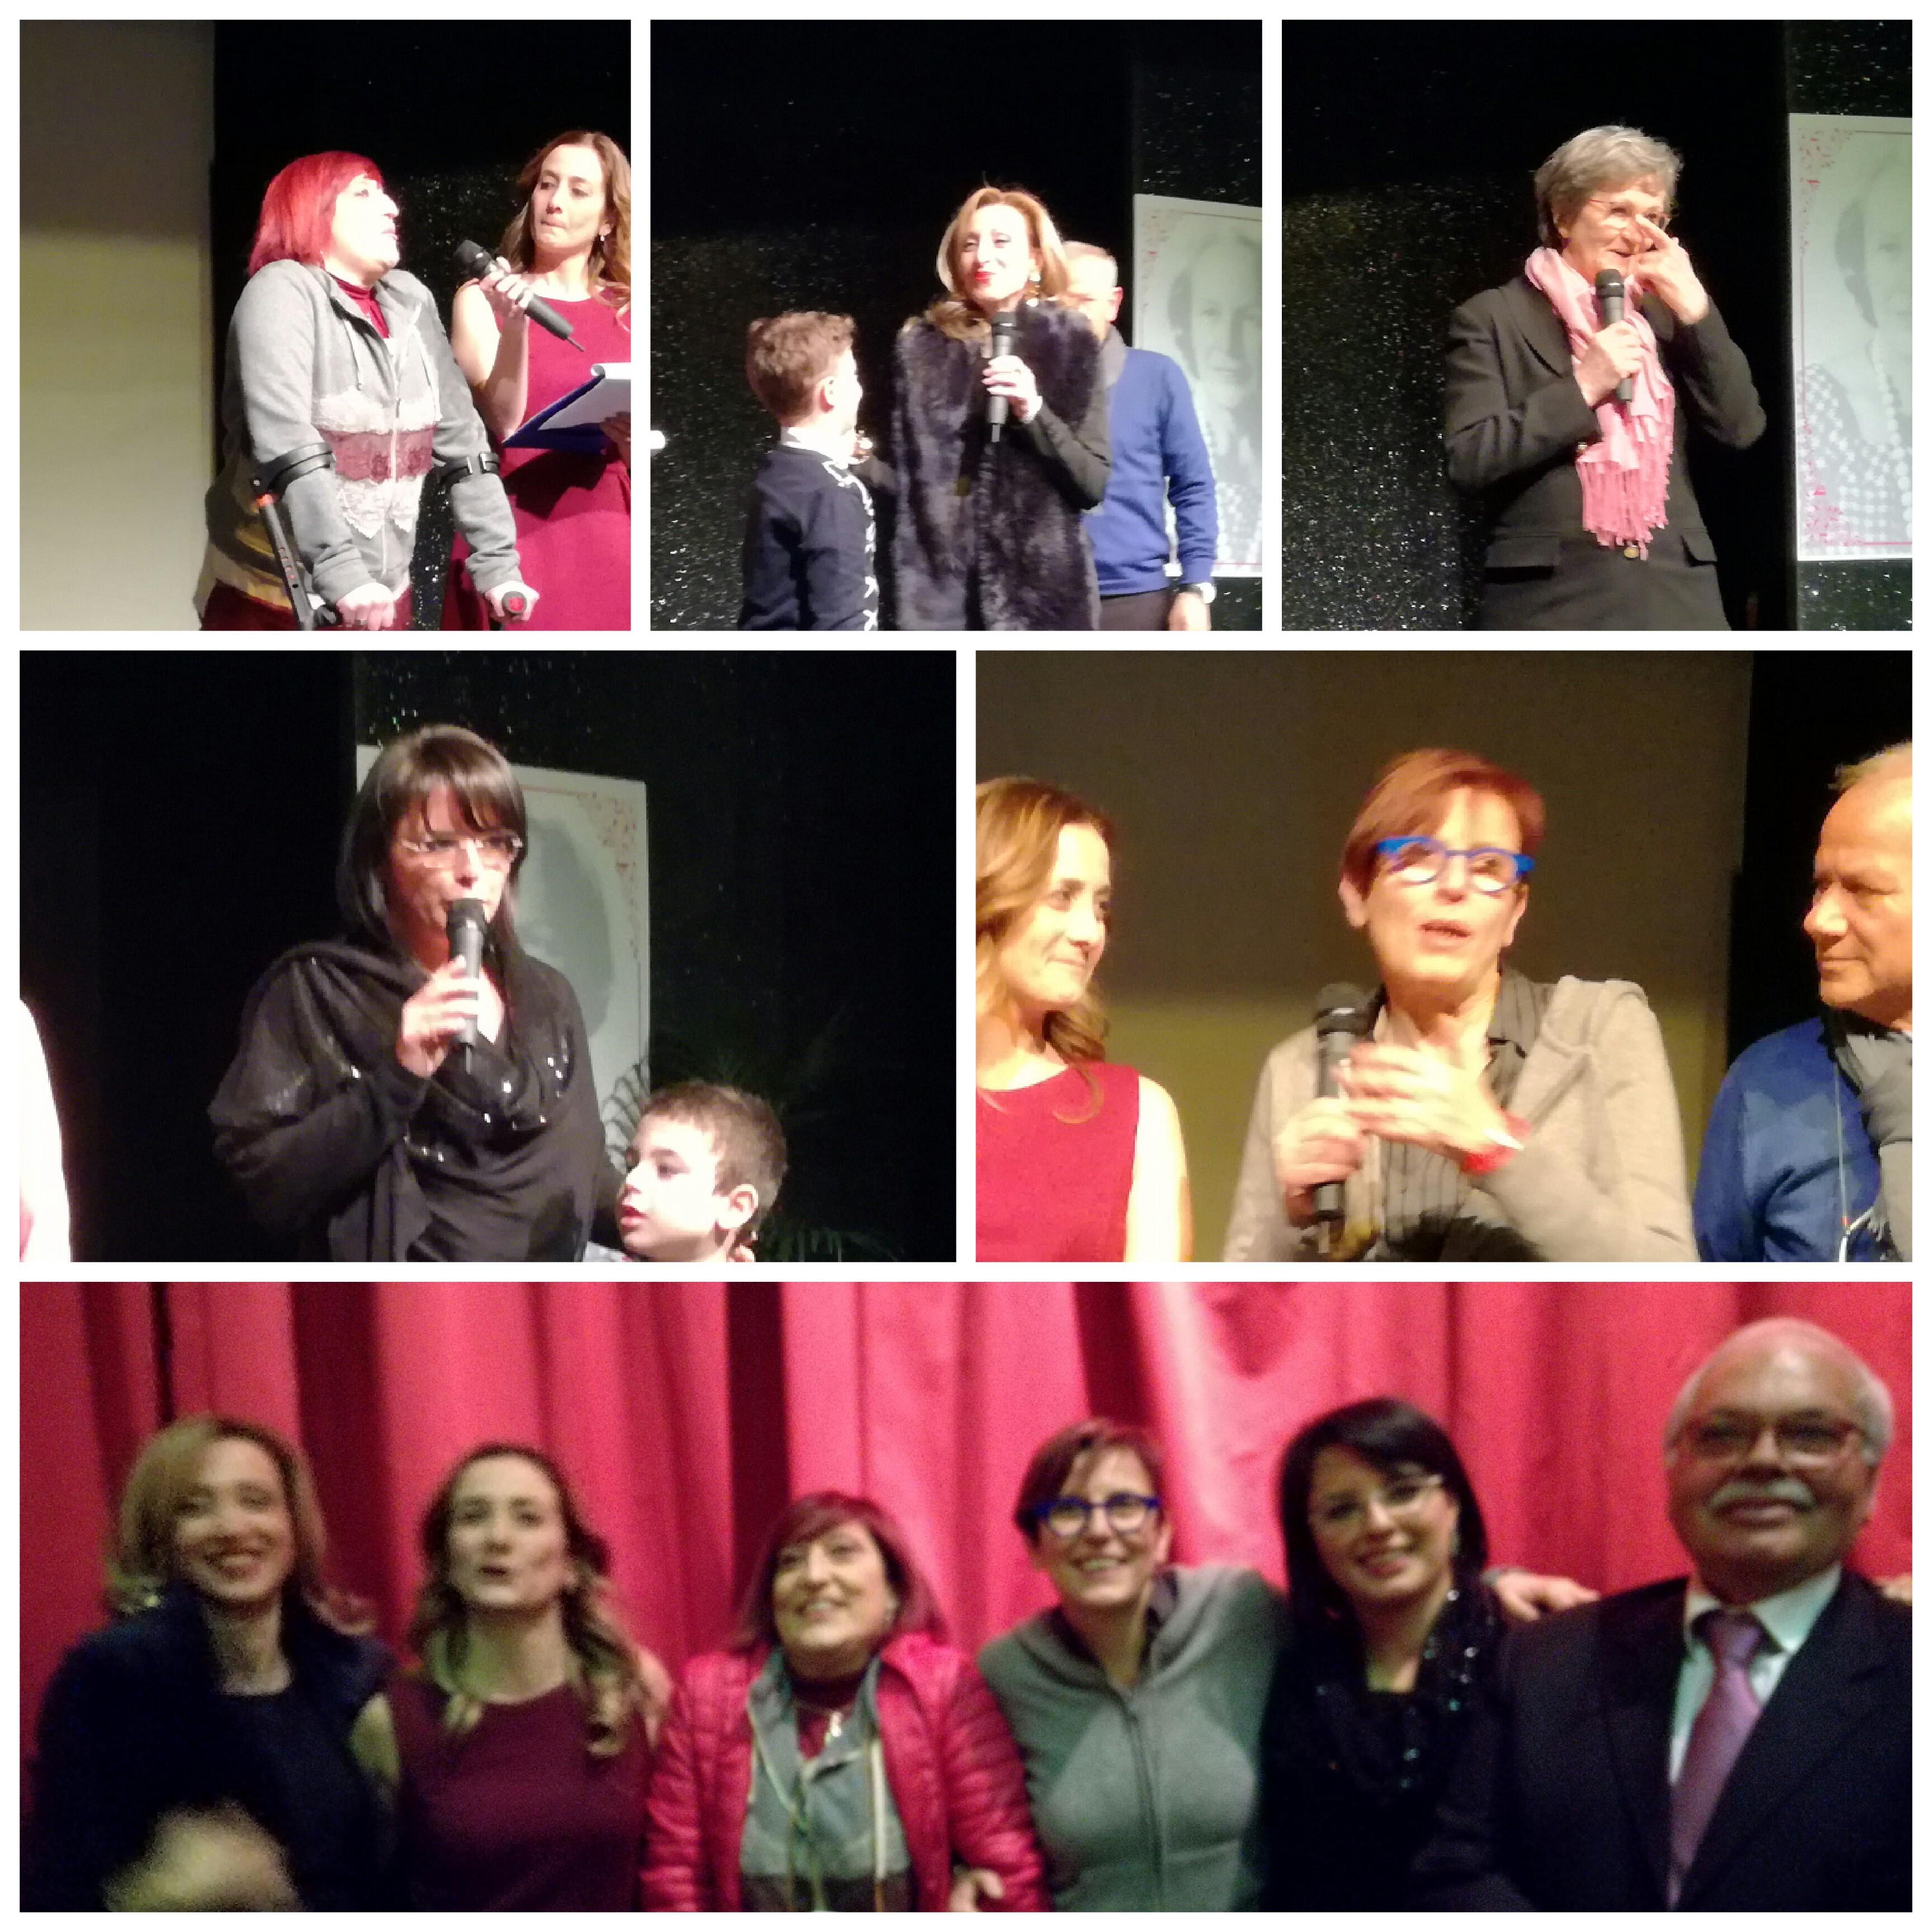 Battipaglia-festa della Donna-premiazione-Umberta Basso-Cecilia Francese-Anna Bruno-Daniela Palma-Elisa Vitolo-Michele Cupertino